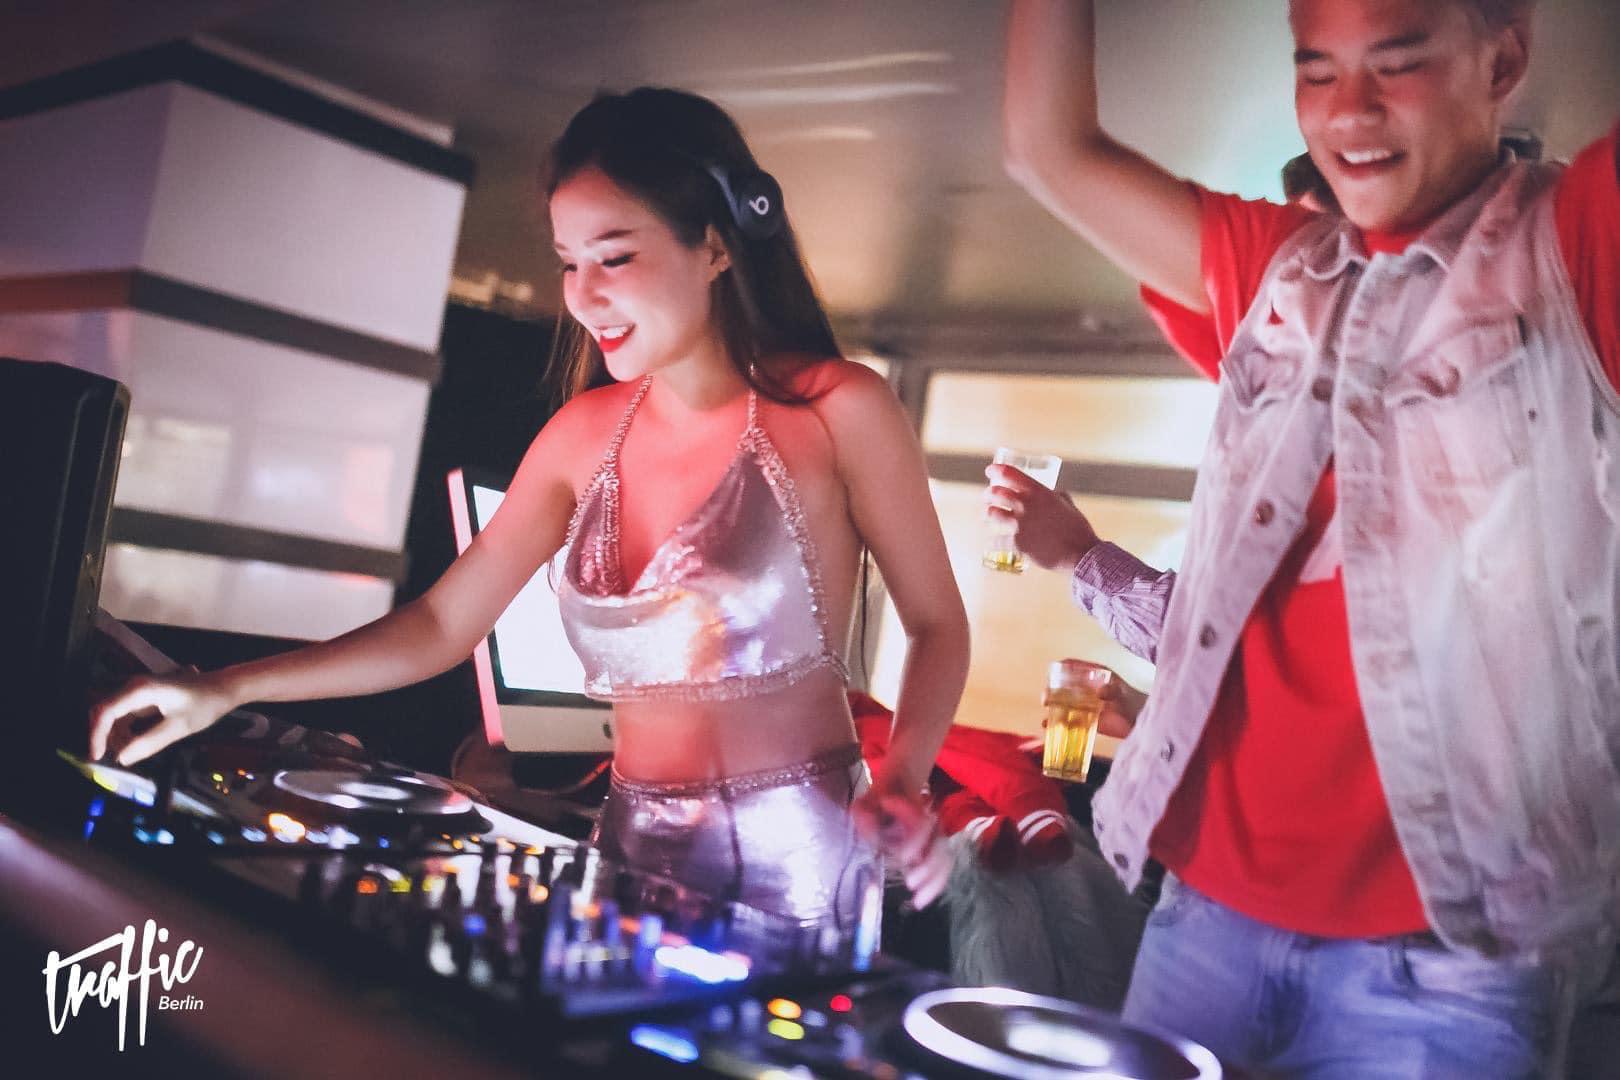 Hở mà không phản cảm, 'bỏ túi' bí kíp gợi cảm đúng mực của DJ Miu Miu - Ảnh 15